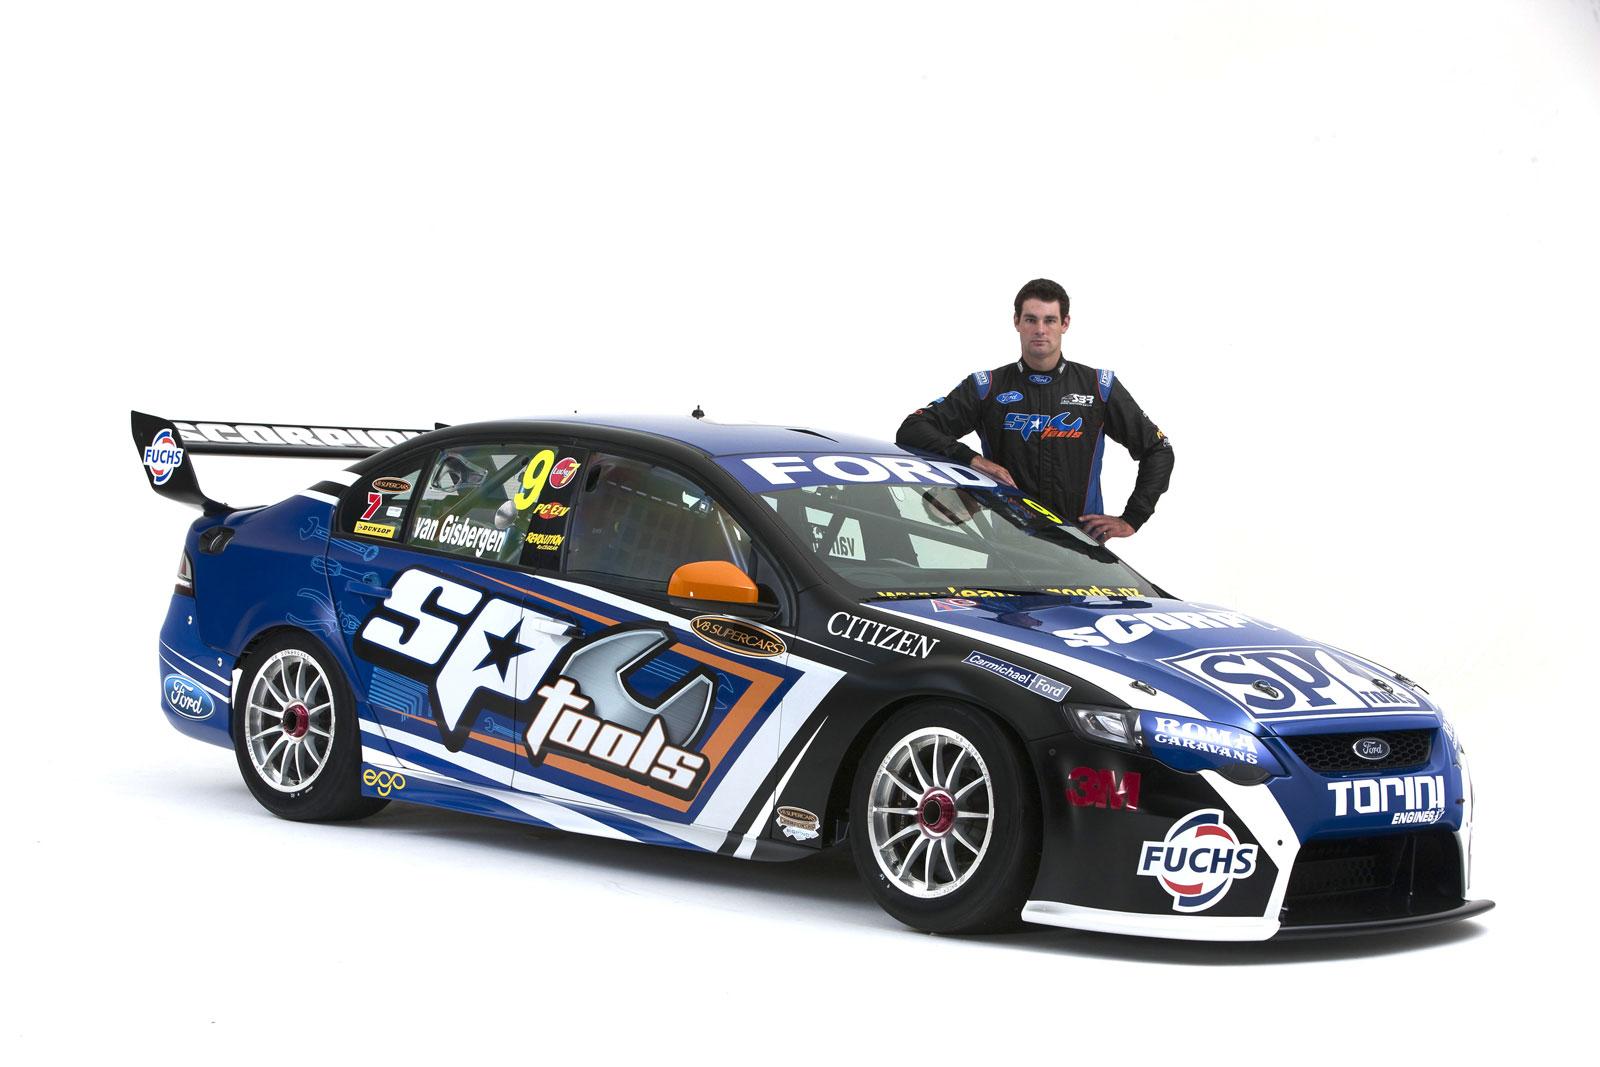 SP Tools Race Car